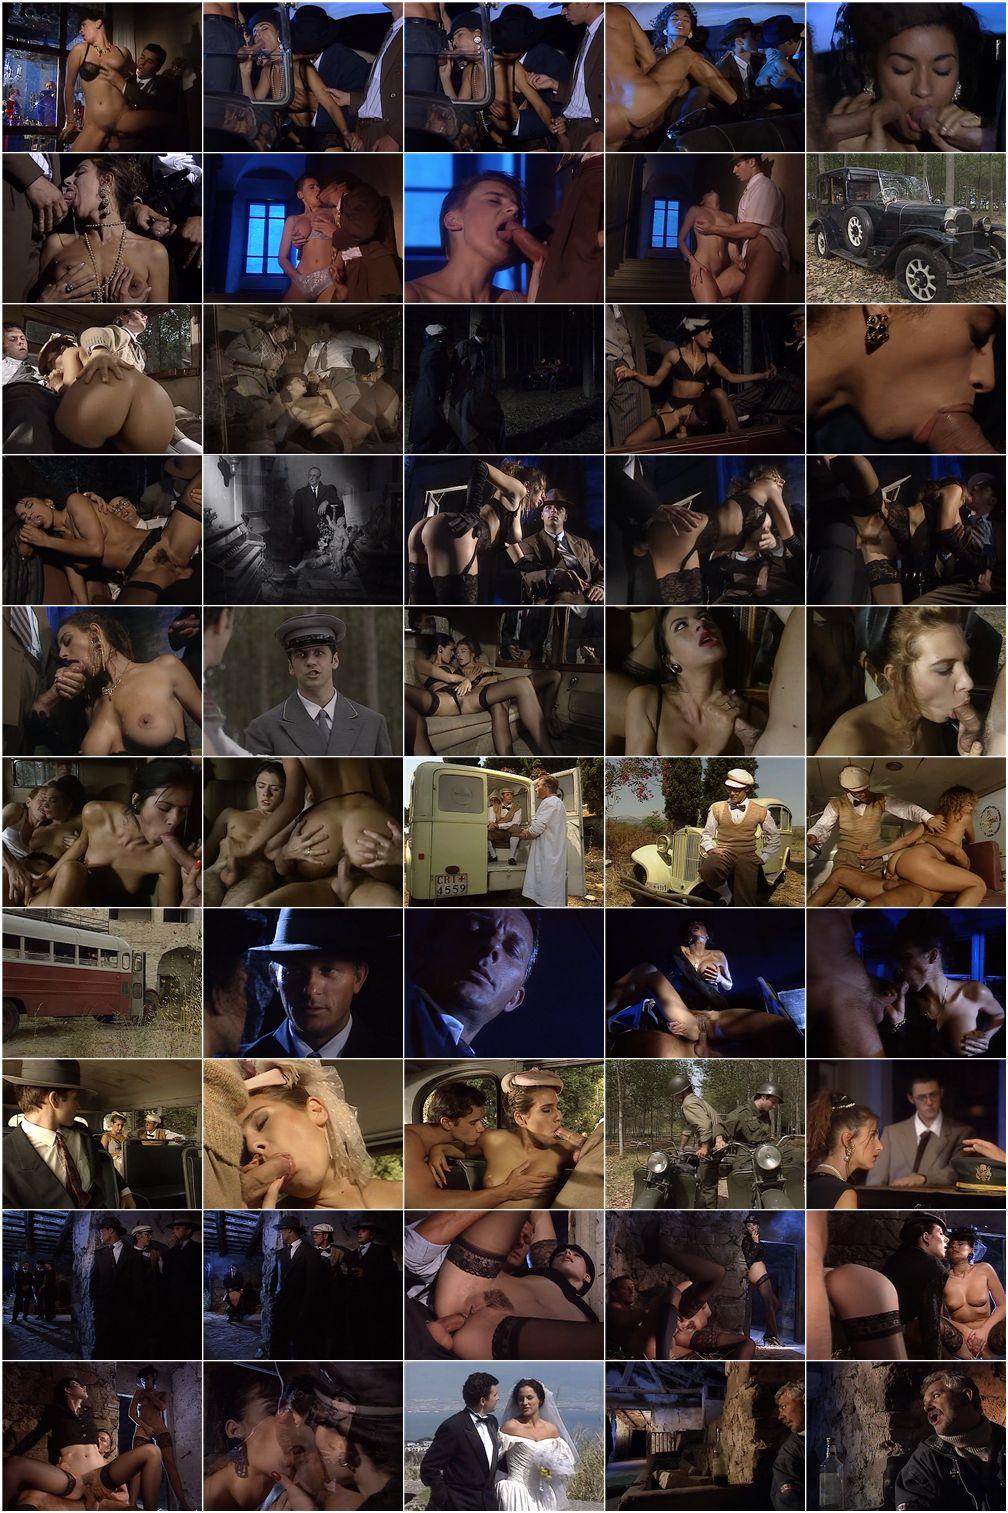 Список итальянских порно фильмов за 2019